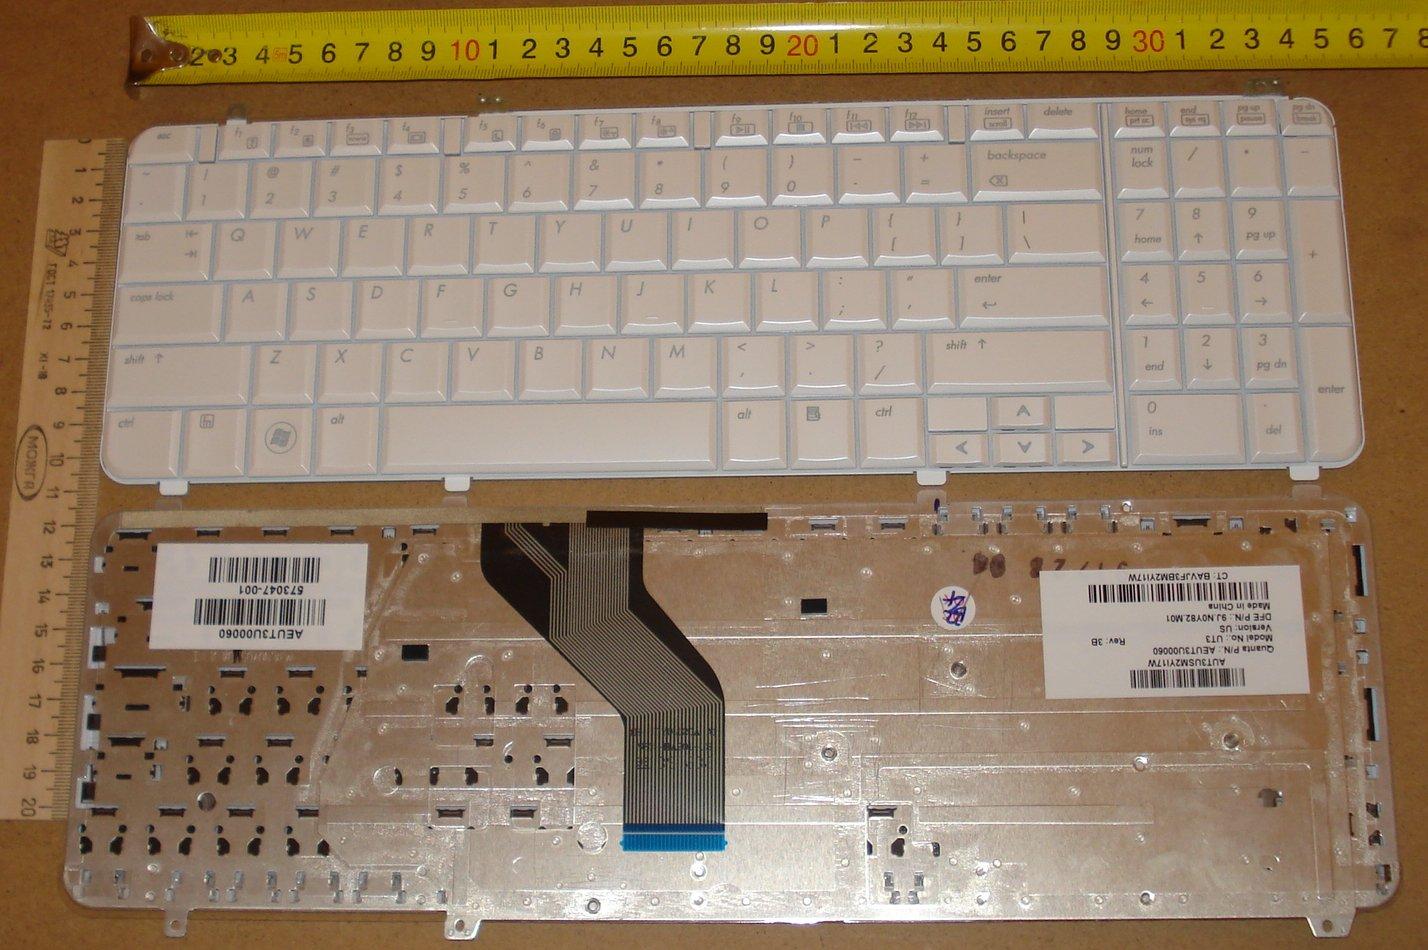 Ремонт клавиатуры на ноутбуке 156